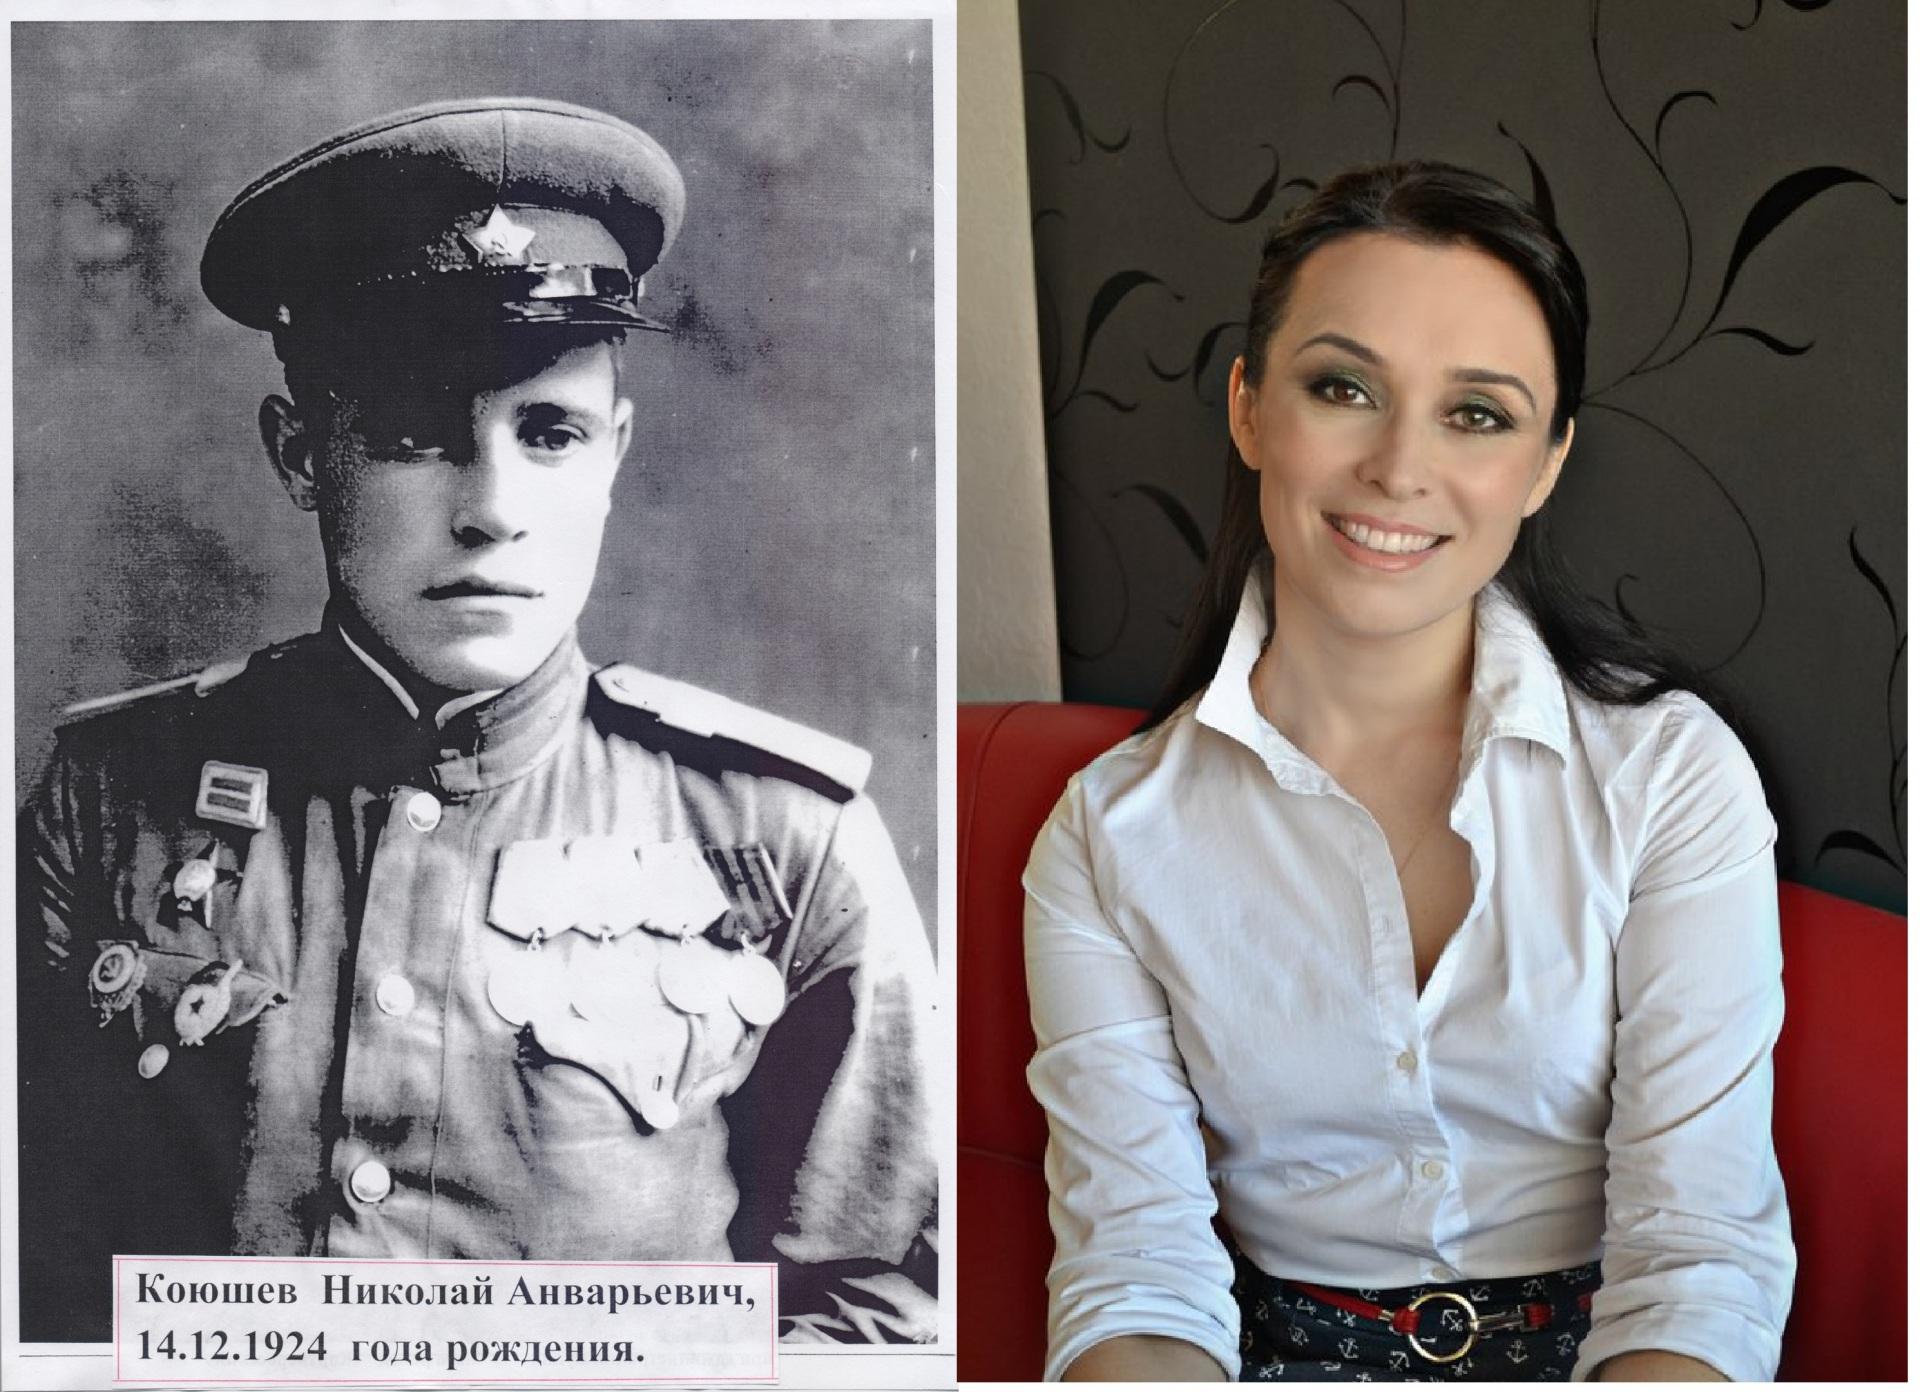 Татьяна Терентьева: Мы обязаны сохранить в памяти поколение героев-победителей